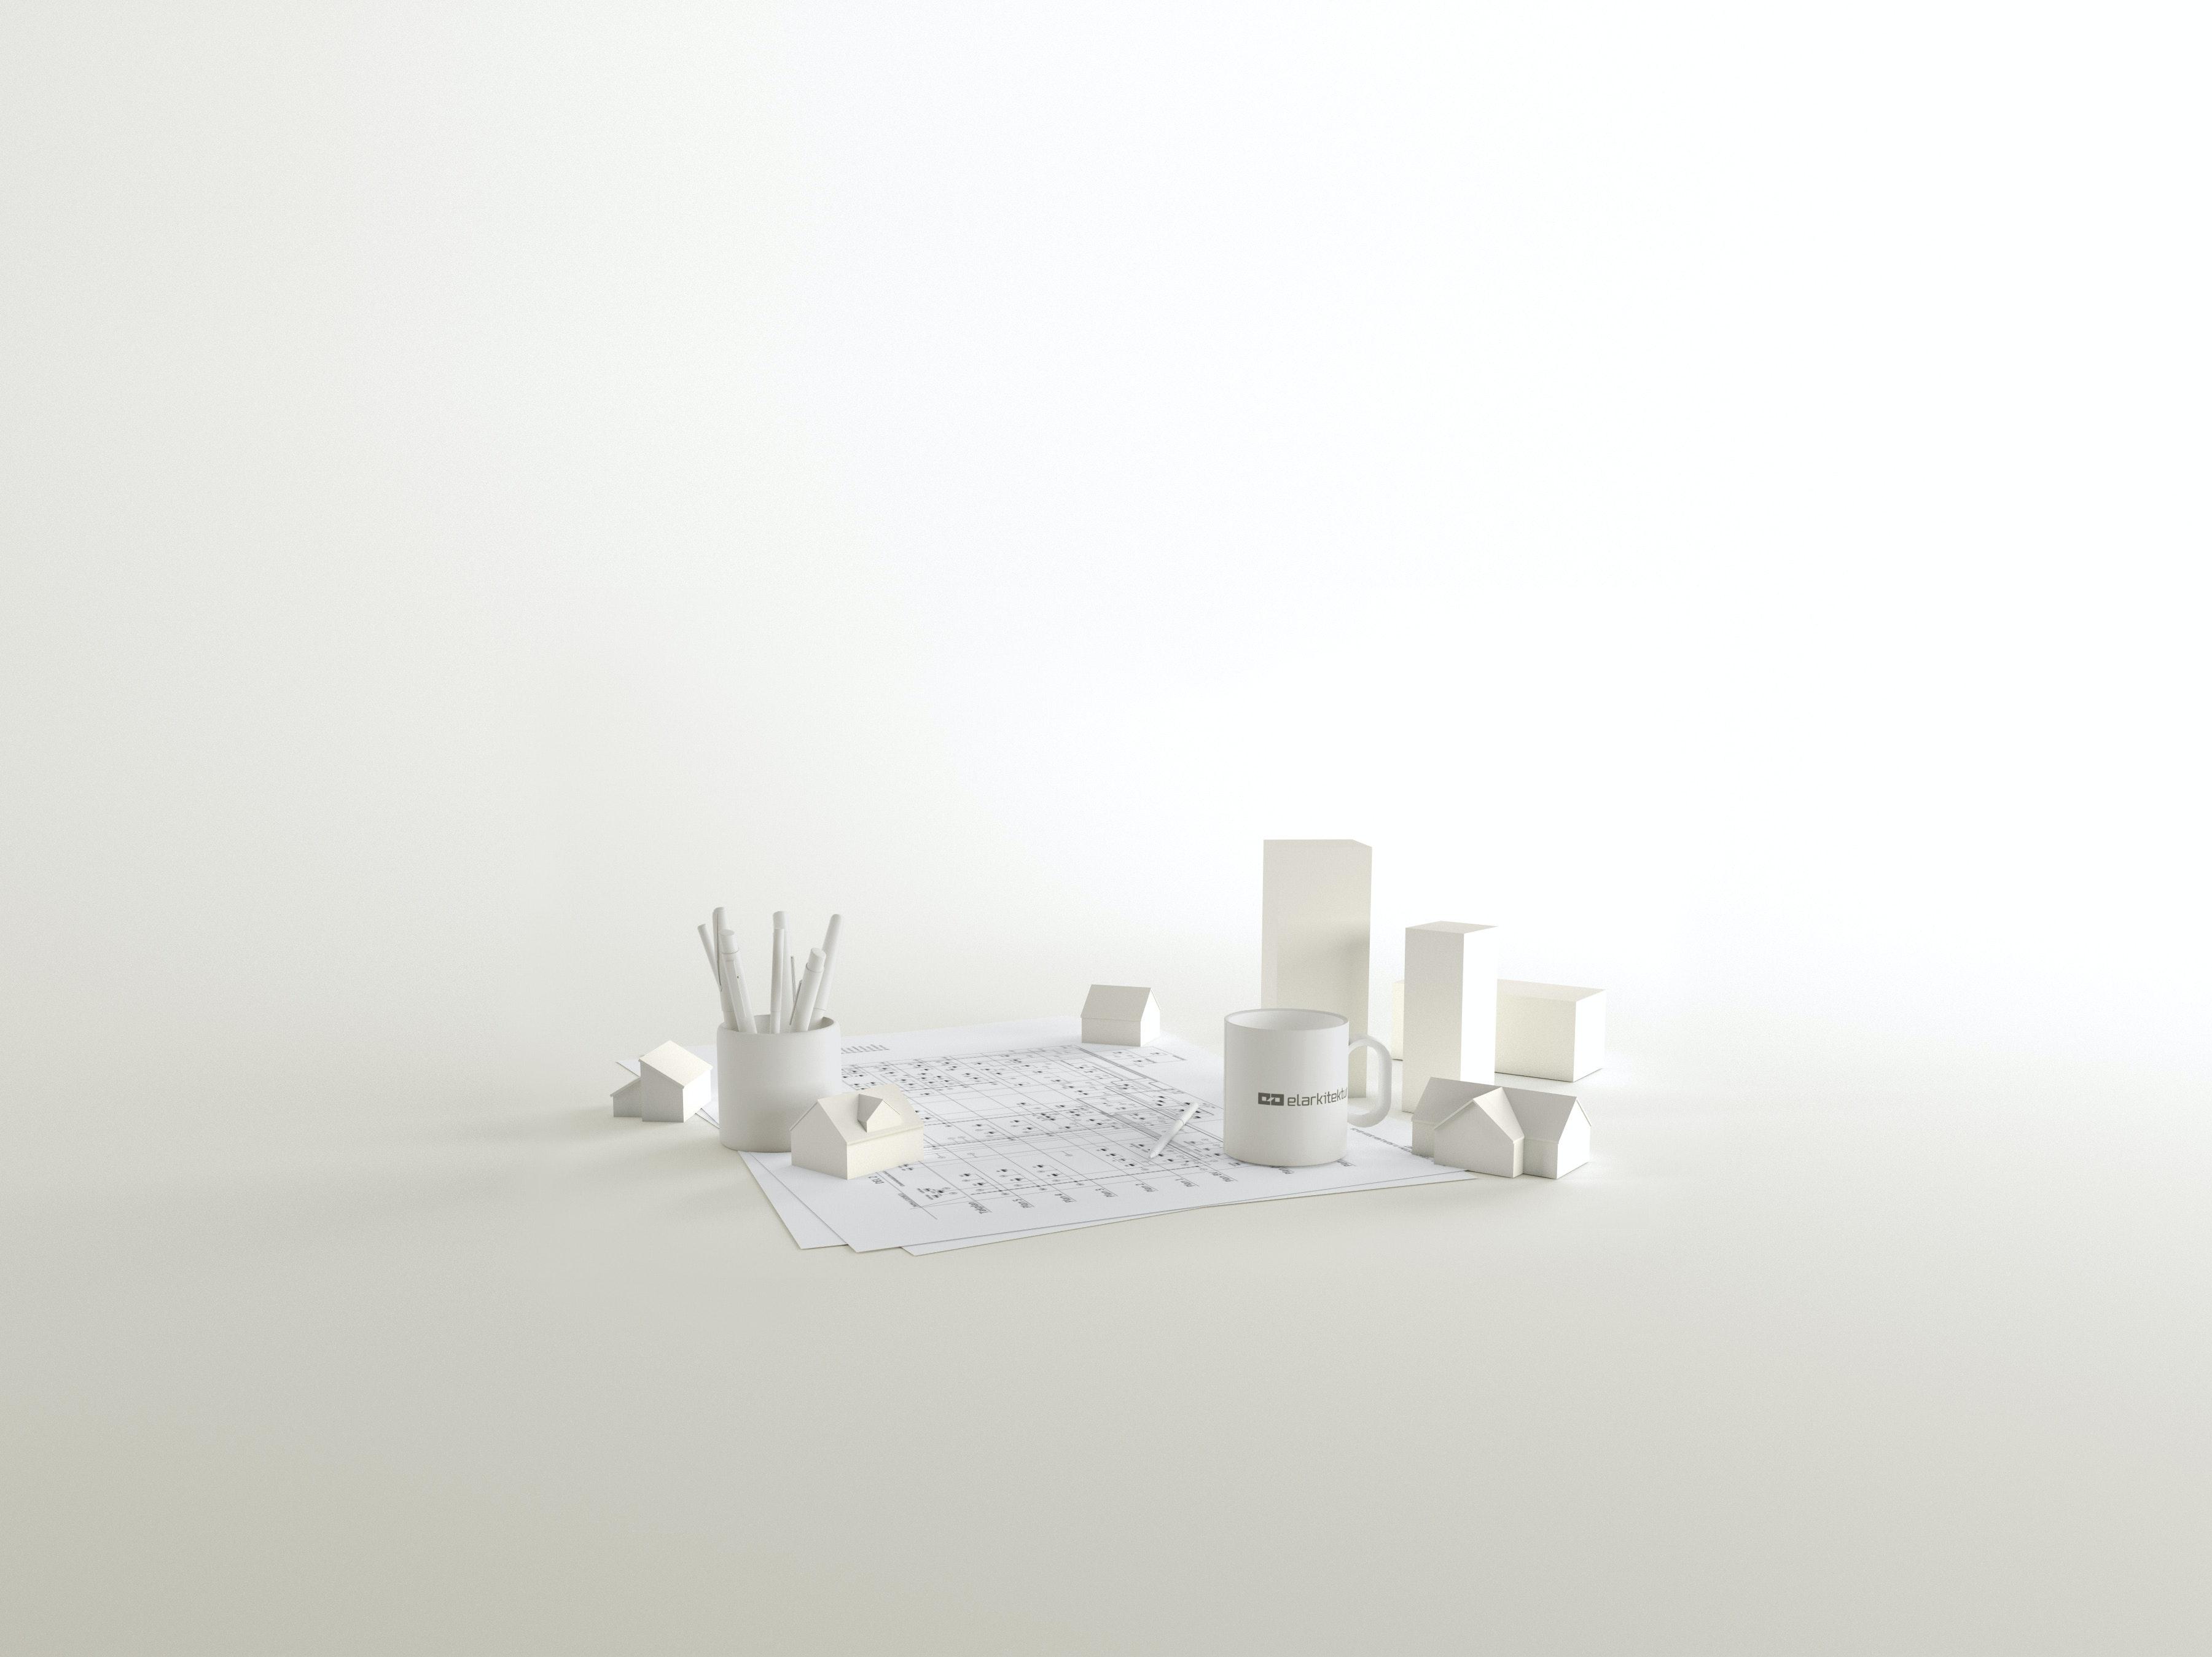 Minimalist 3D image